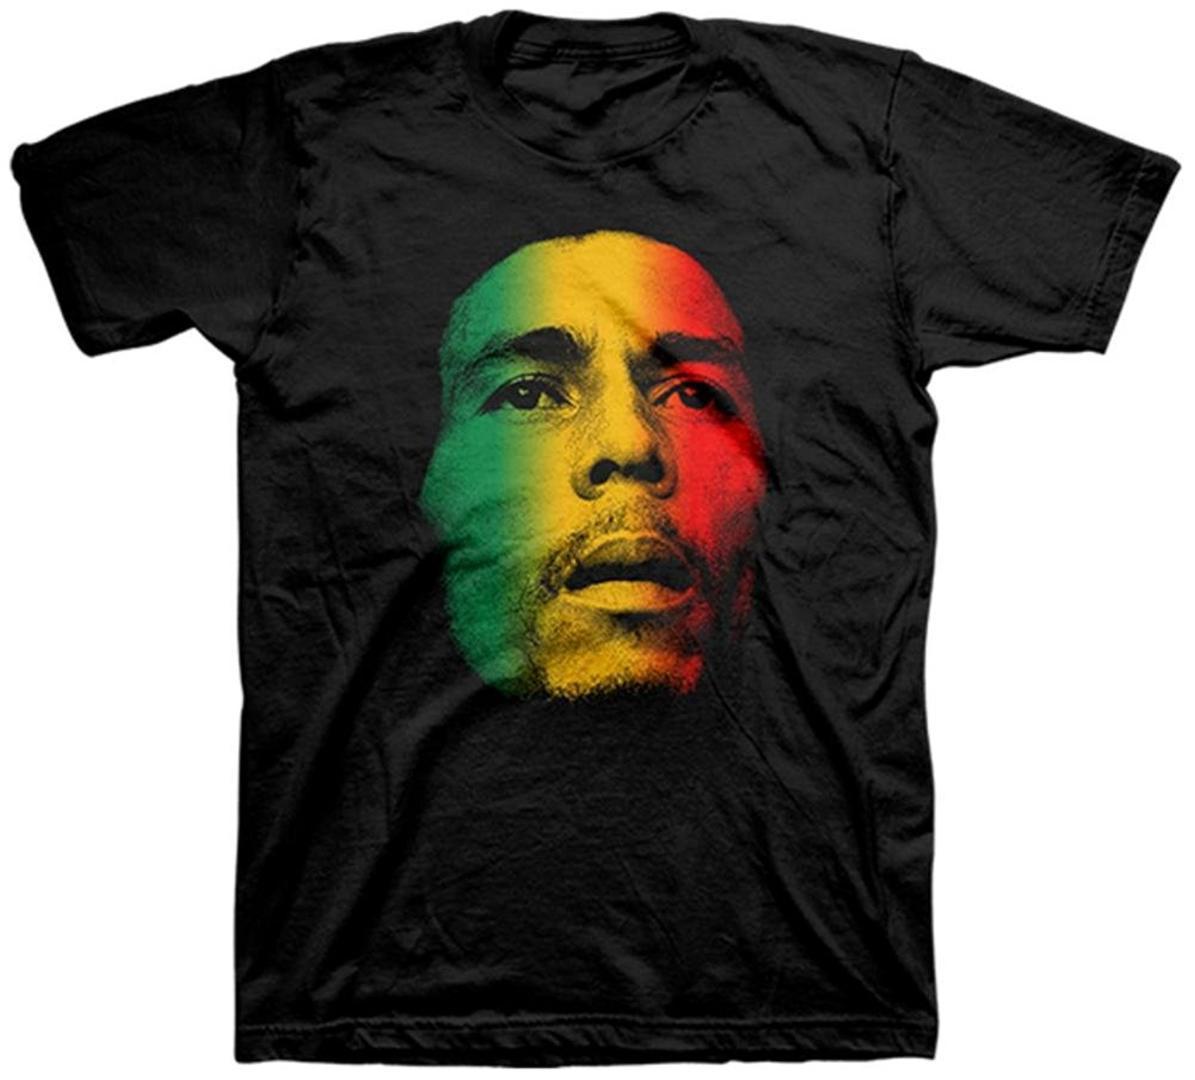 Coton pour hommes Vêtements pour hommes Slim Fit T-shirt Visage de Bob Marley Rasta Tri-couleur T-shirt adulte noir pour homme